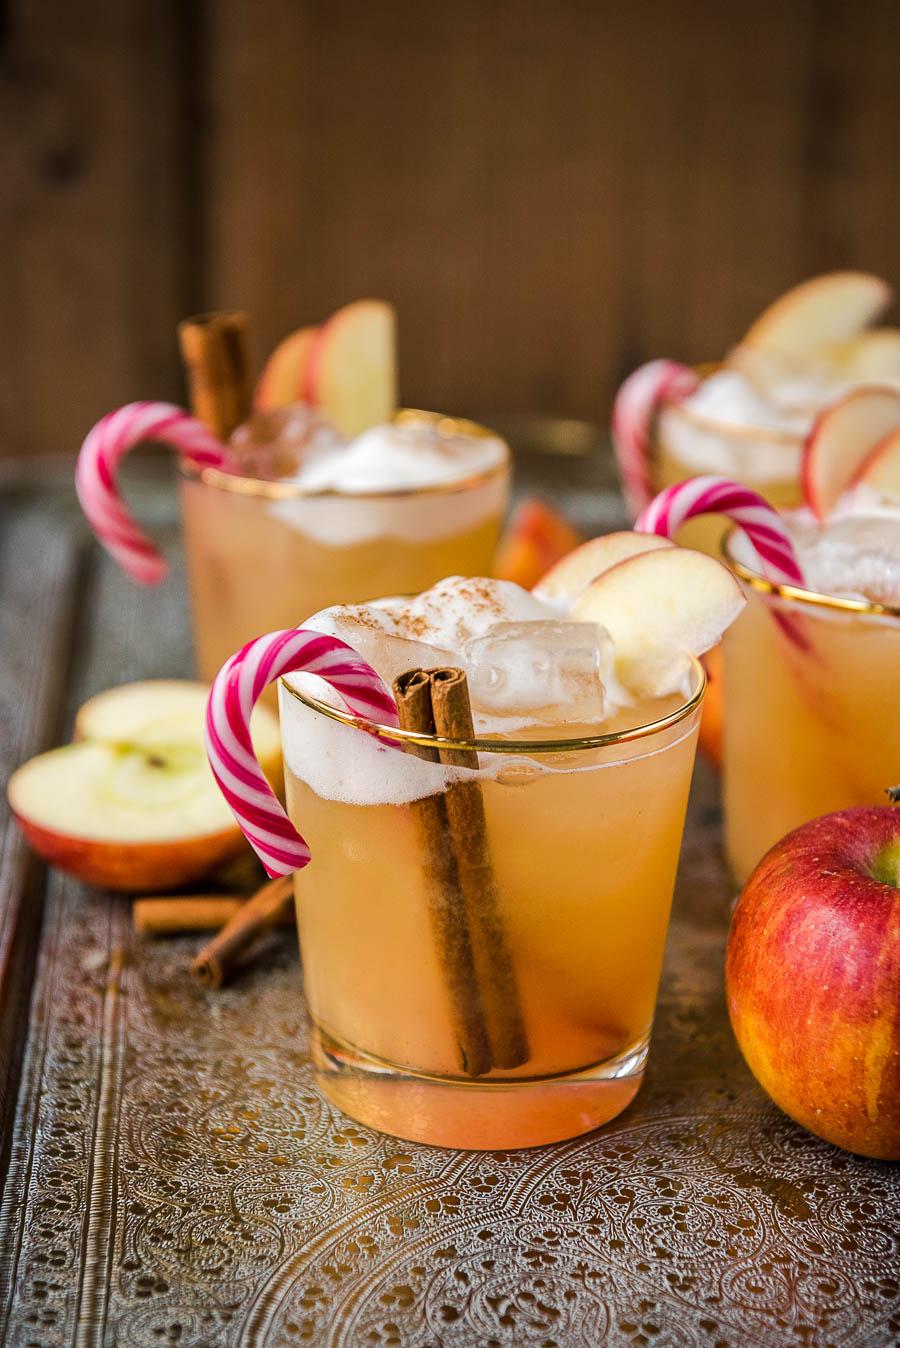 Cold Apple Punch Mit Amaretto & Zimt in Weihnachtlicher Apfelpunsch Ohne Alkohol